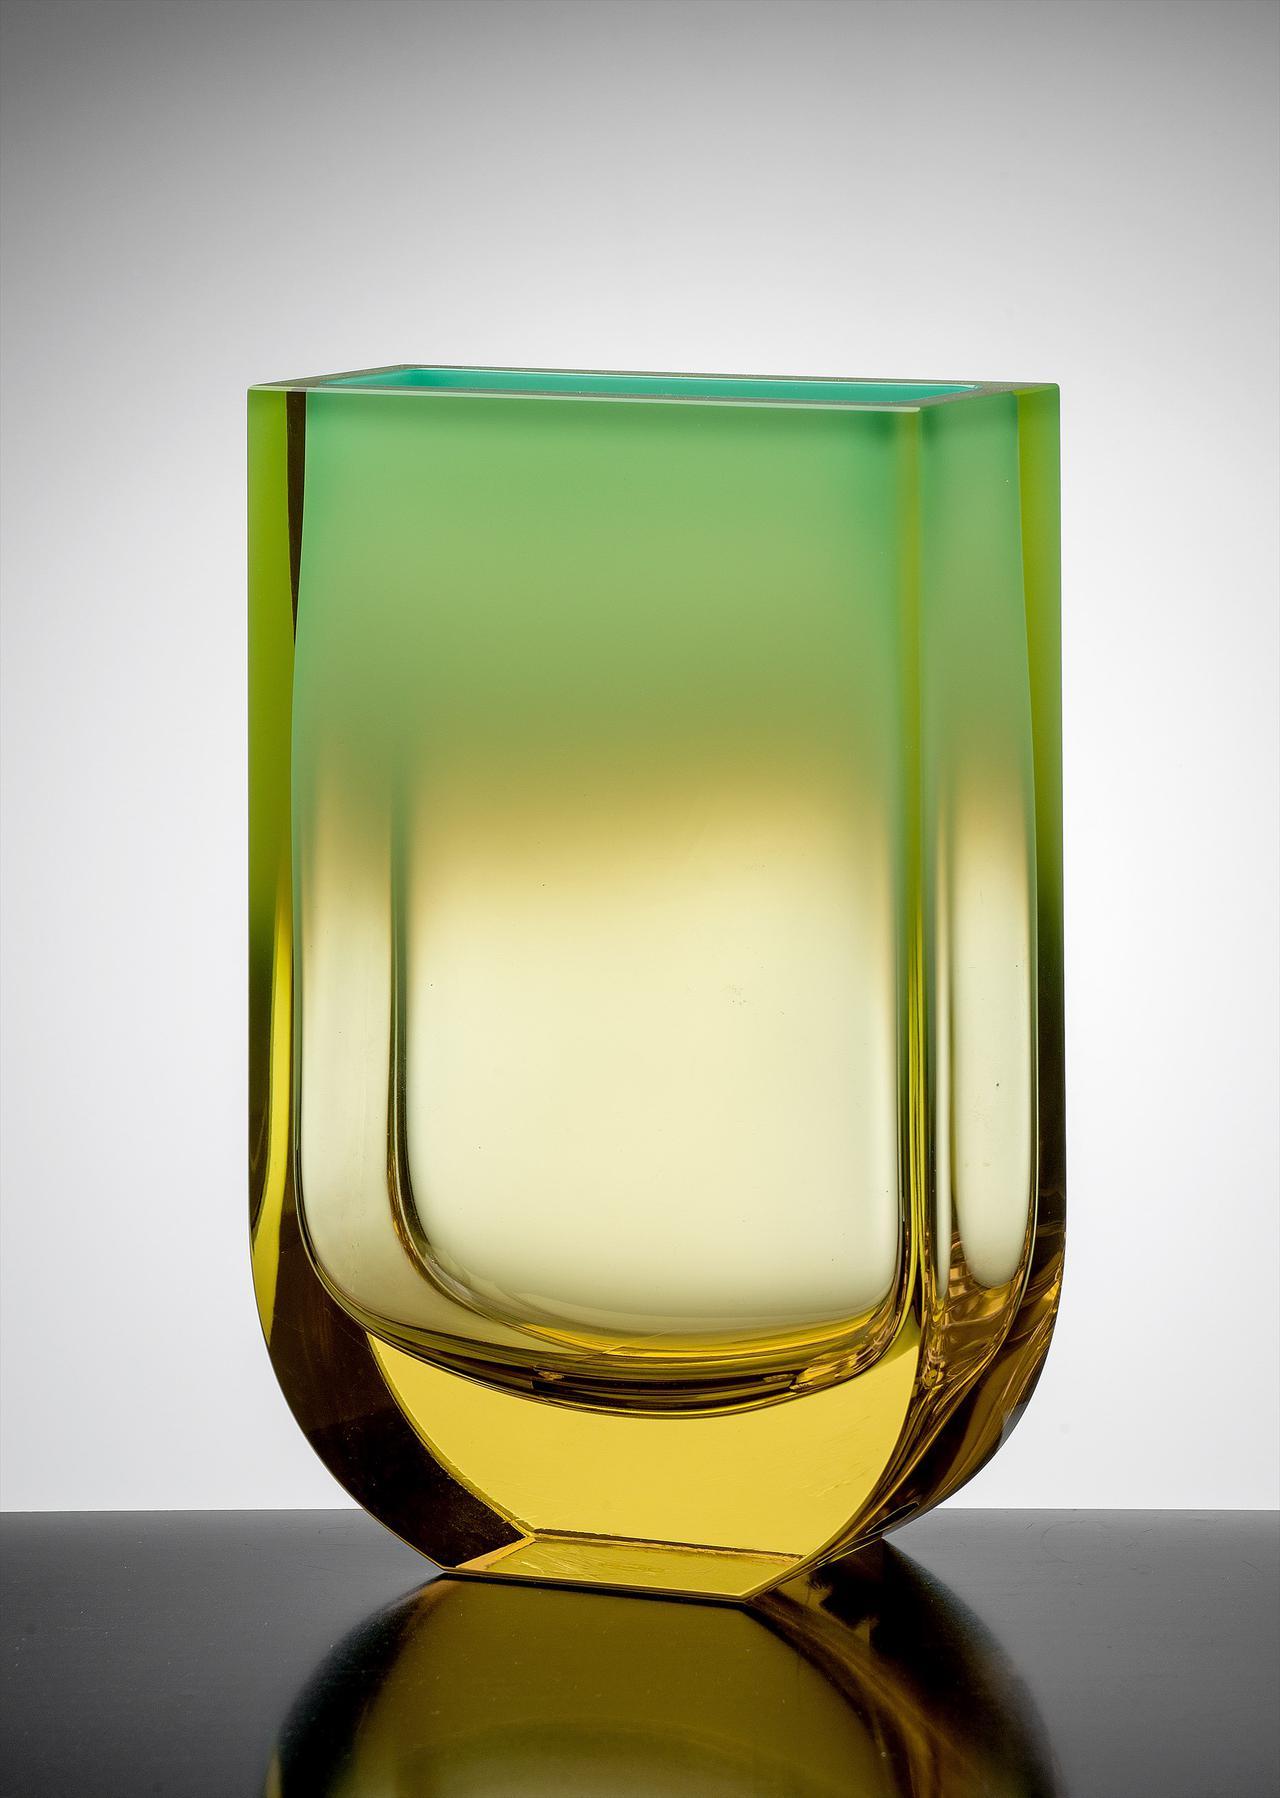 画像: イジー・シュハーイェク 《花瓶<四季>シリーズより》 1999年 チェコ国立プラハ工芸美術館蔵